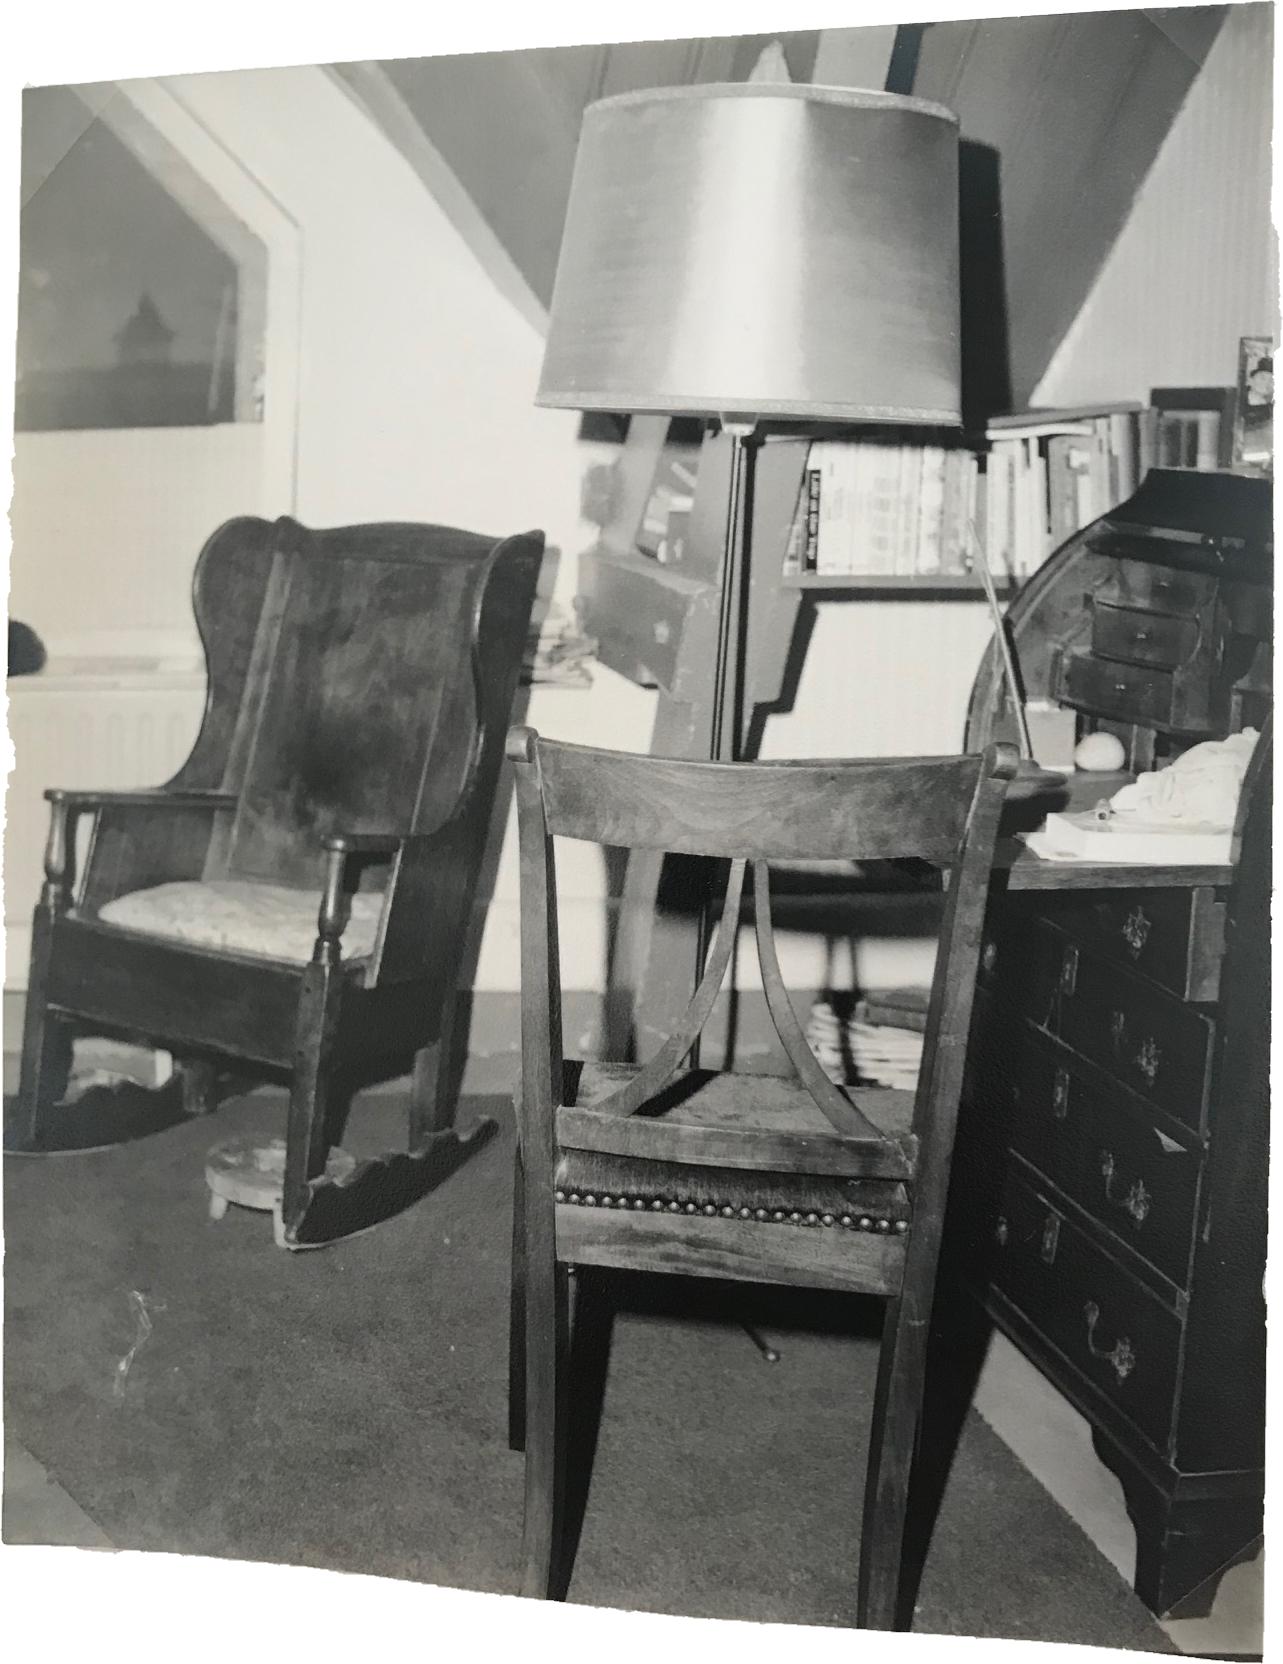 Hoe onze Dienstkamer 70 jaar geleden was